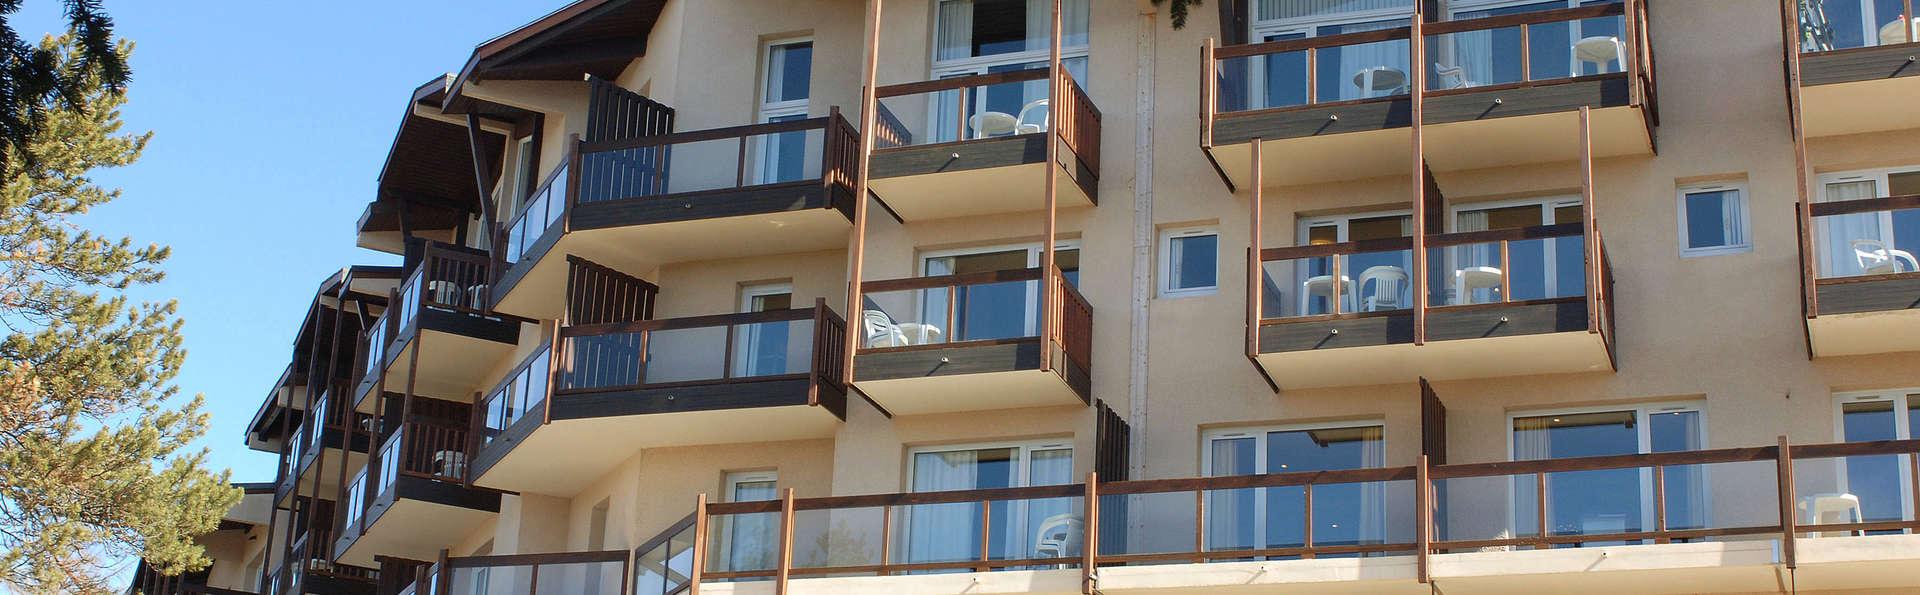 Séjour en appartement familial dans les Pyrénées (4 nuits minimum)